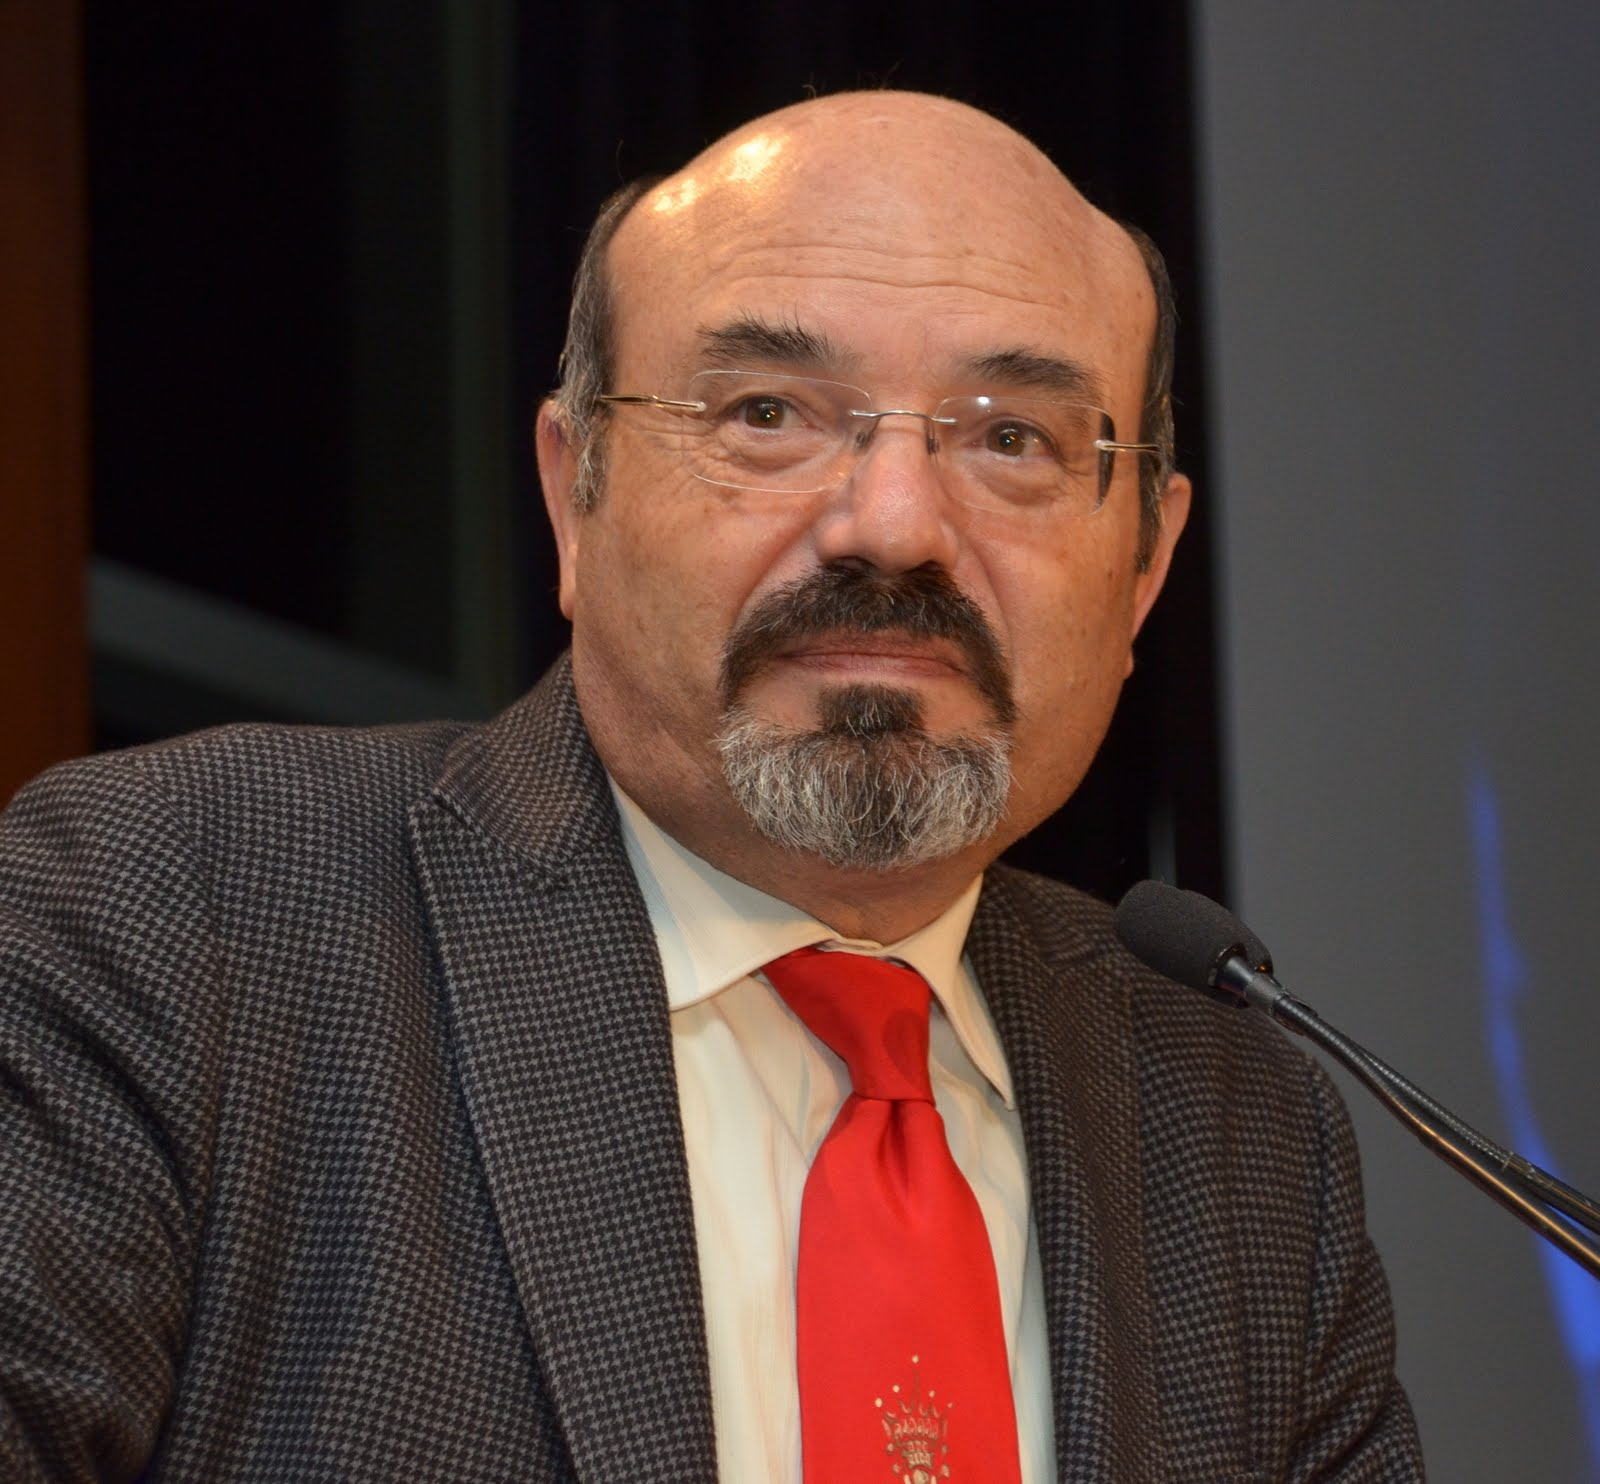 """Anniversario dello sbarco dei mille, Pino Aprile: """"Recuperare la memoria contro la politica degli occupanti"""""""